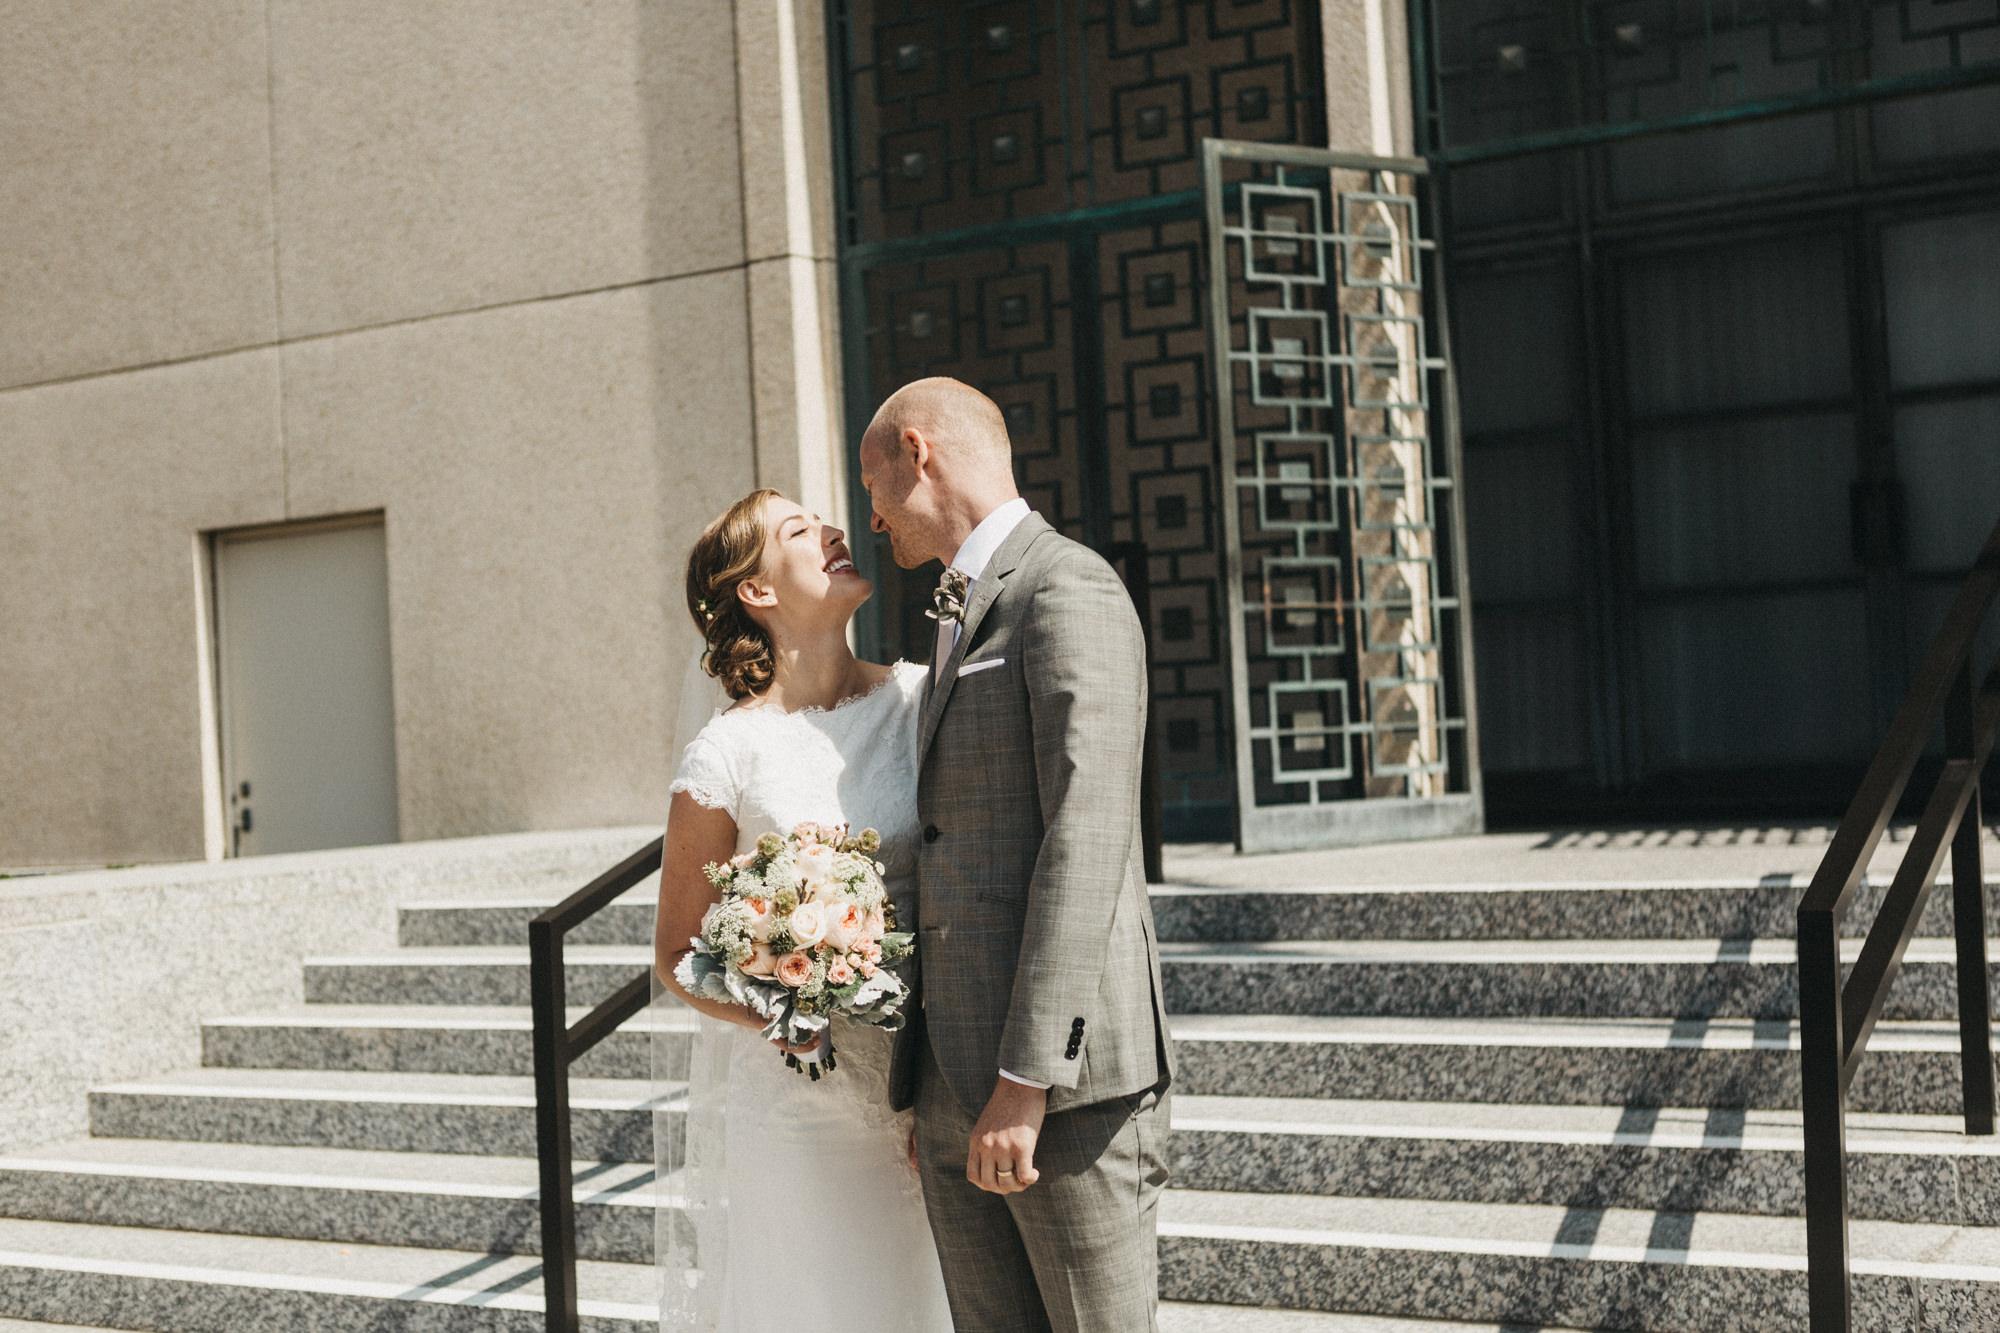 los_angeles_mormon_temple_wedding-3.jpg